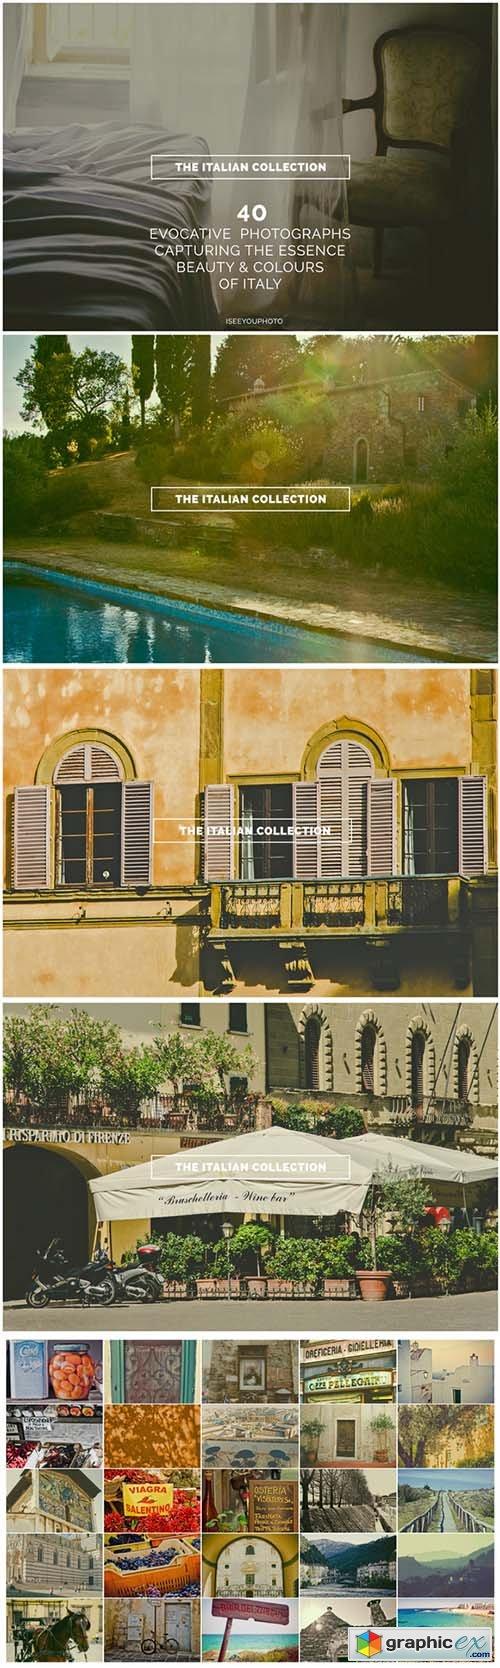 The Italian Collection - Iseeyouphoto